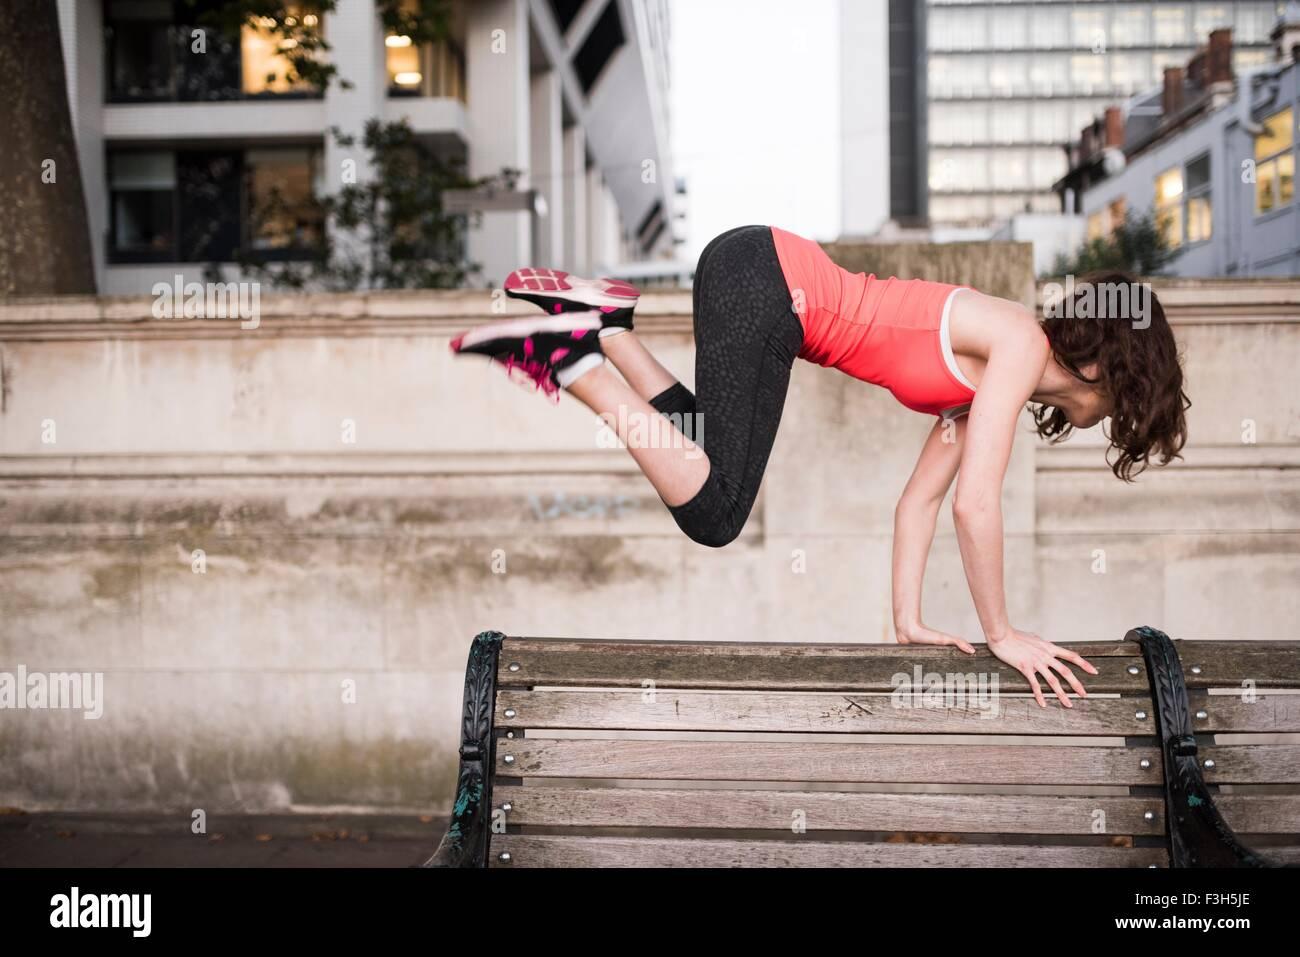 Mujer joven saltando sobre un banco del parque en la ciudad Imagen De Stock